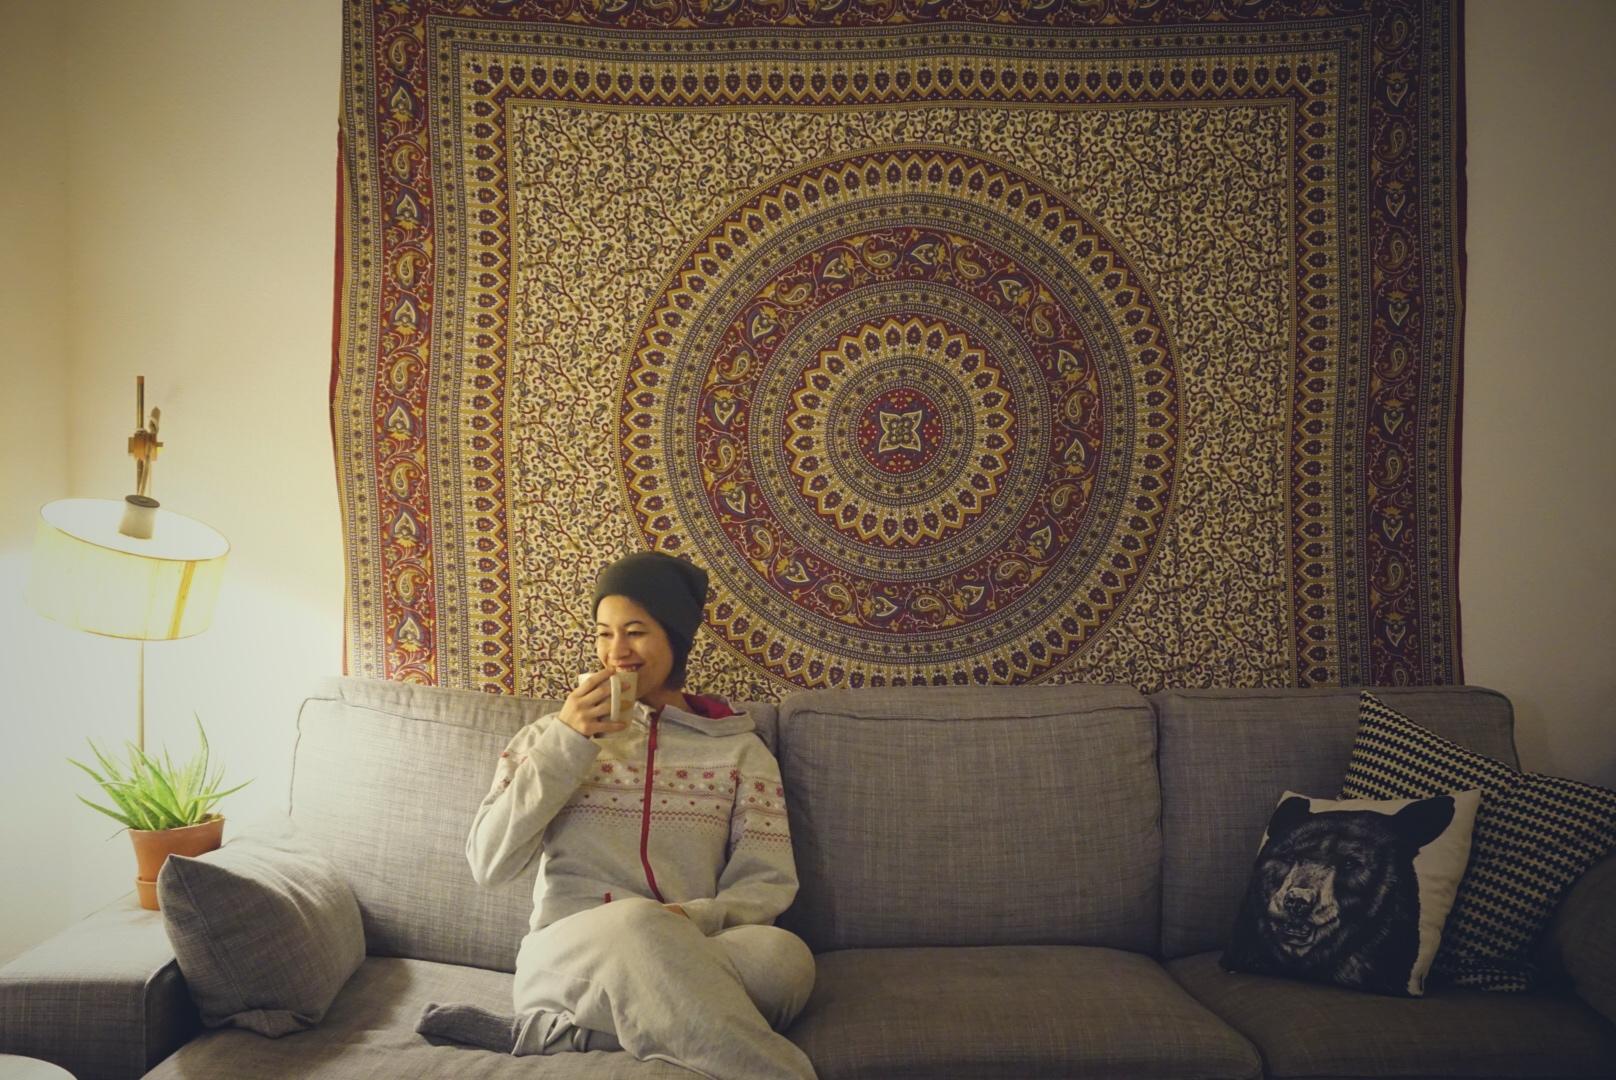 Wintertief Artikel. Dies ist das Titelbild auf dem die Autorin auf einem Sofa sitzt.